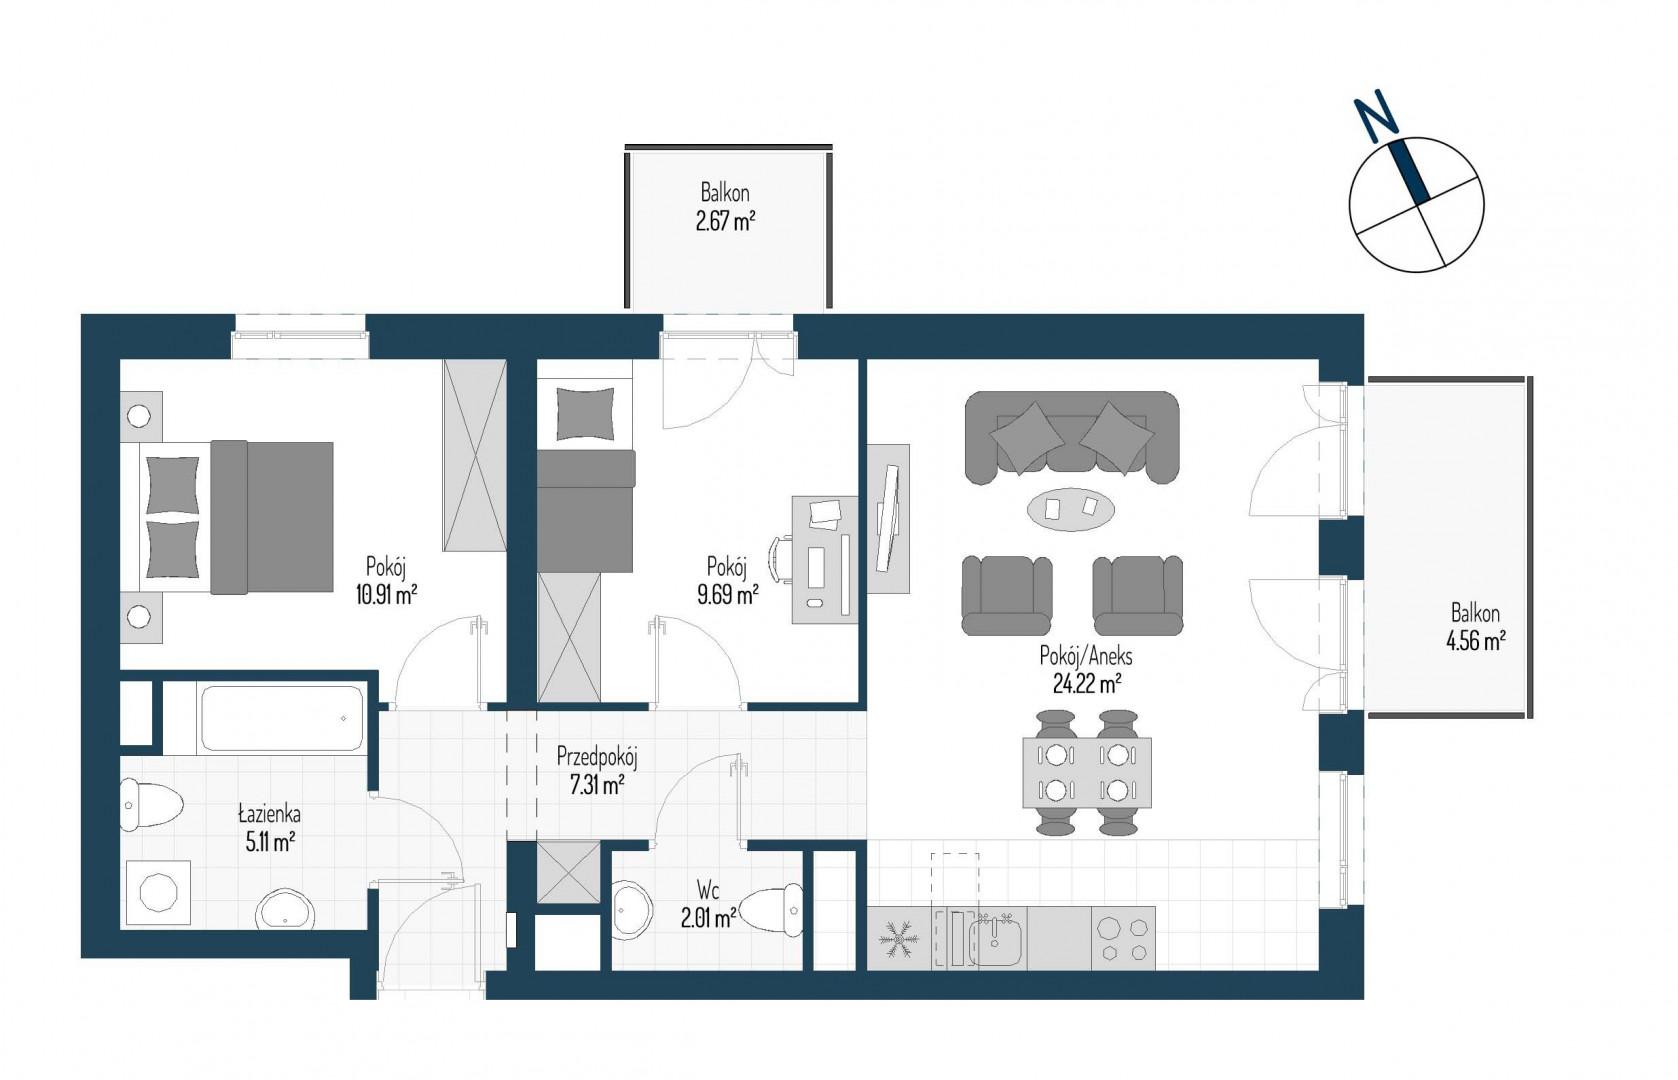 Zdrowe Stylove / budynek 1 / mieszkanie nr M70 rzut 1